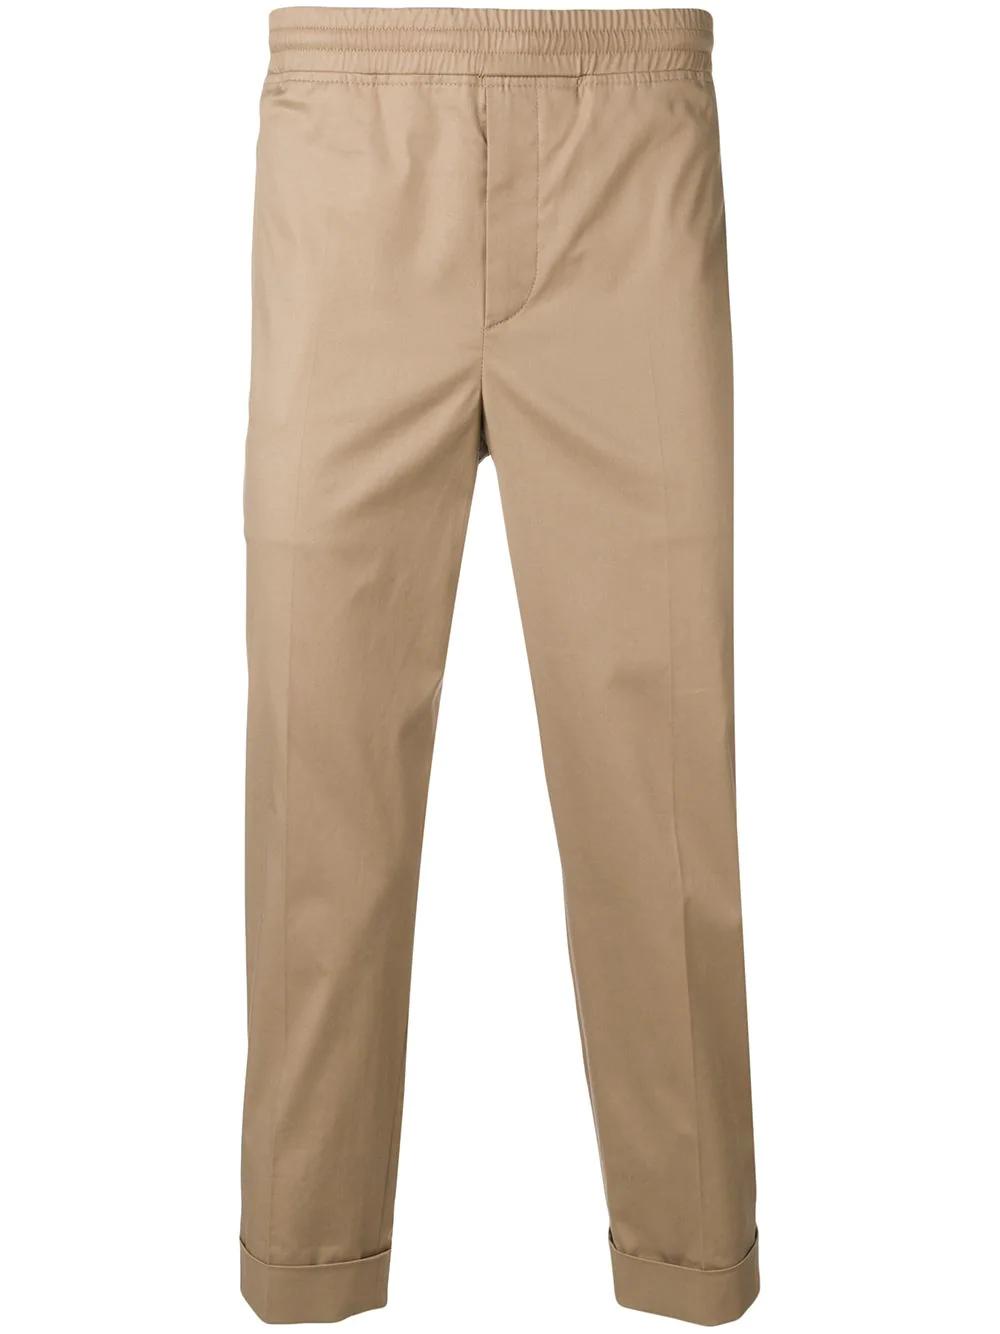 f462384c50aed Neil Barrett Slim Fit Joggers - Neutrals | ModeSens